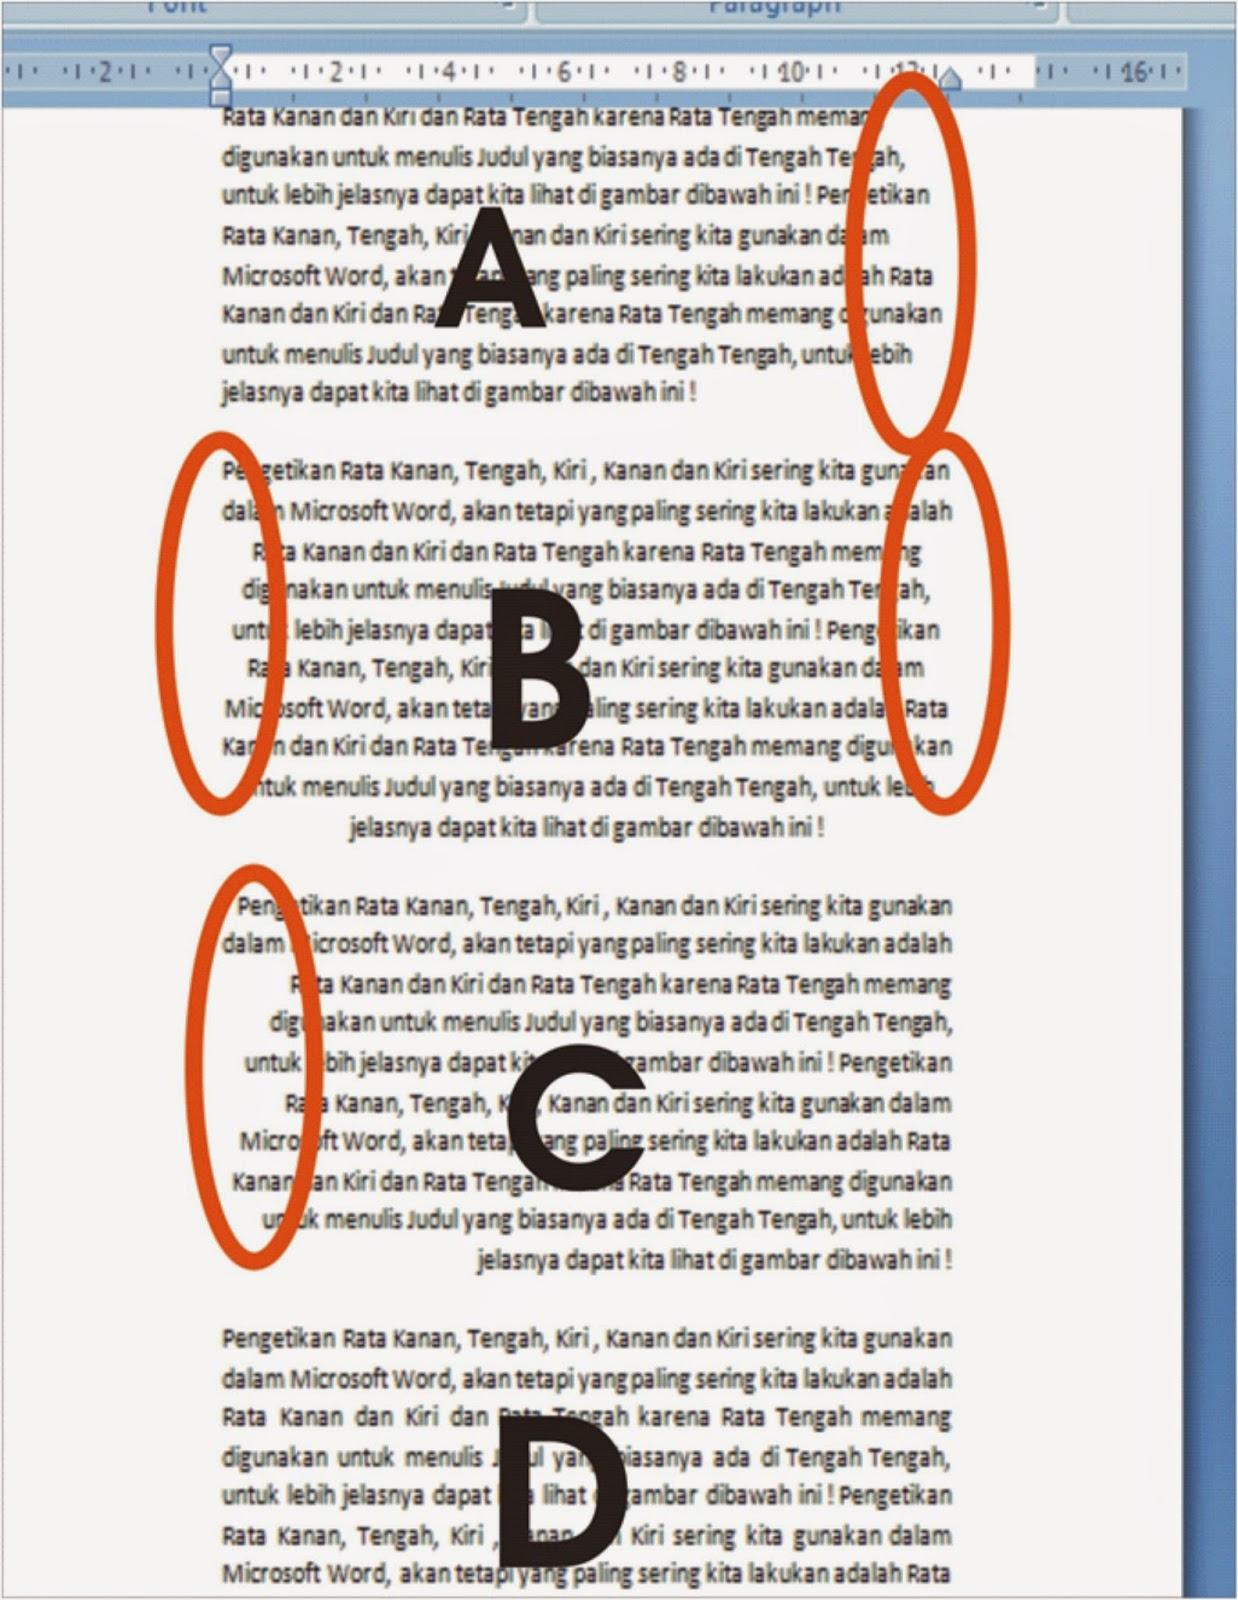 Pengaturan Rata Kanan Rata Kiri Rata Tengah Dan Rata Kanan Kiri Dalam Microsoft Word Belajar Microsoft Office Dan Bahasa Inggris